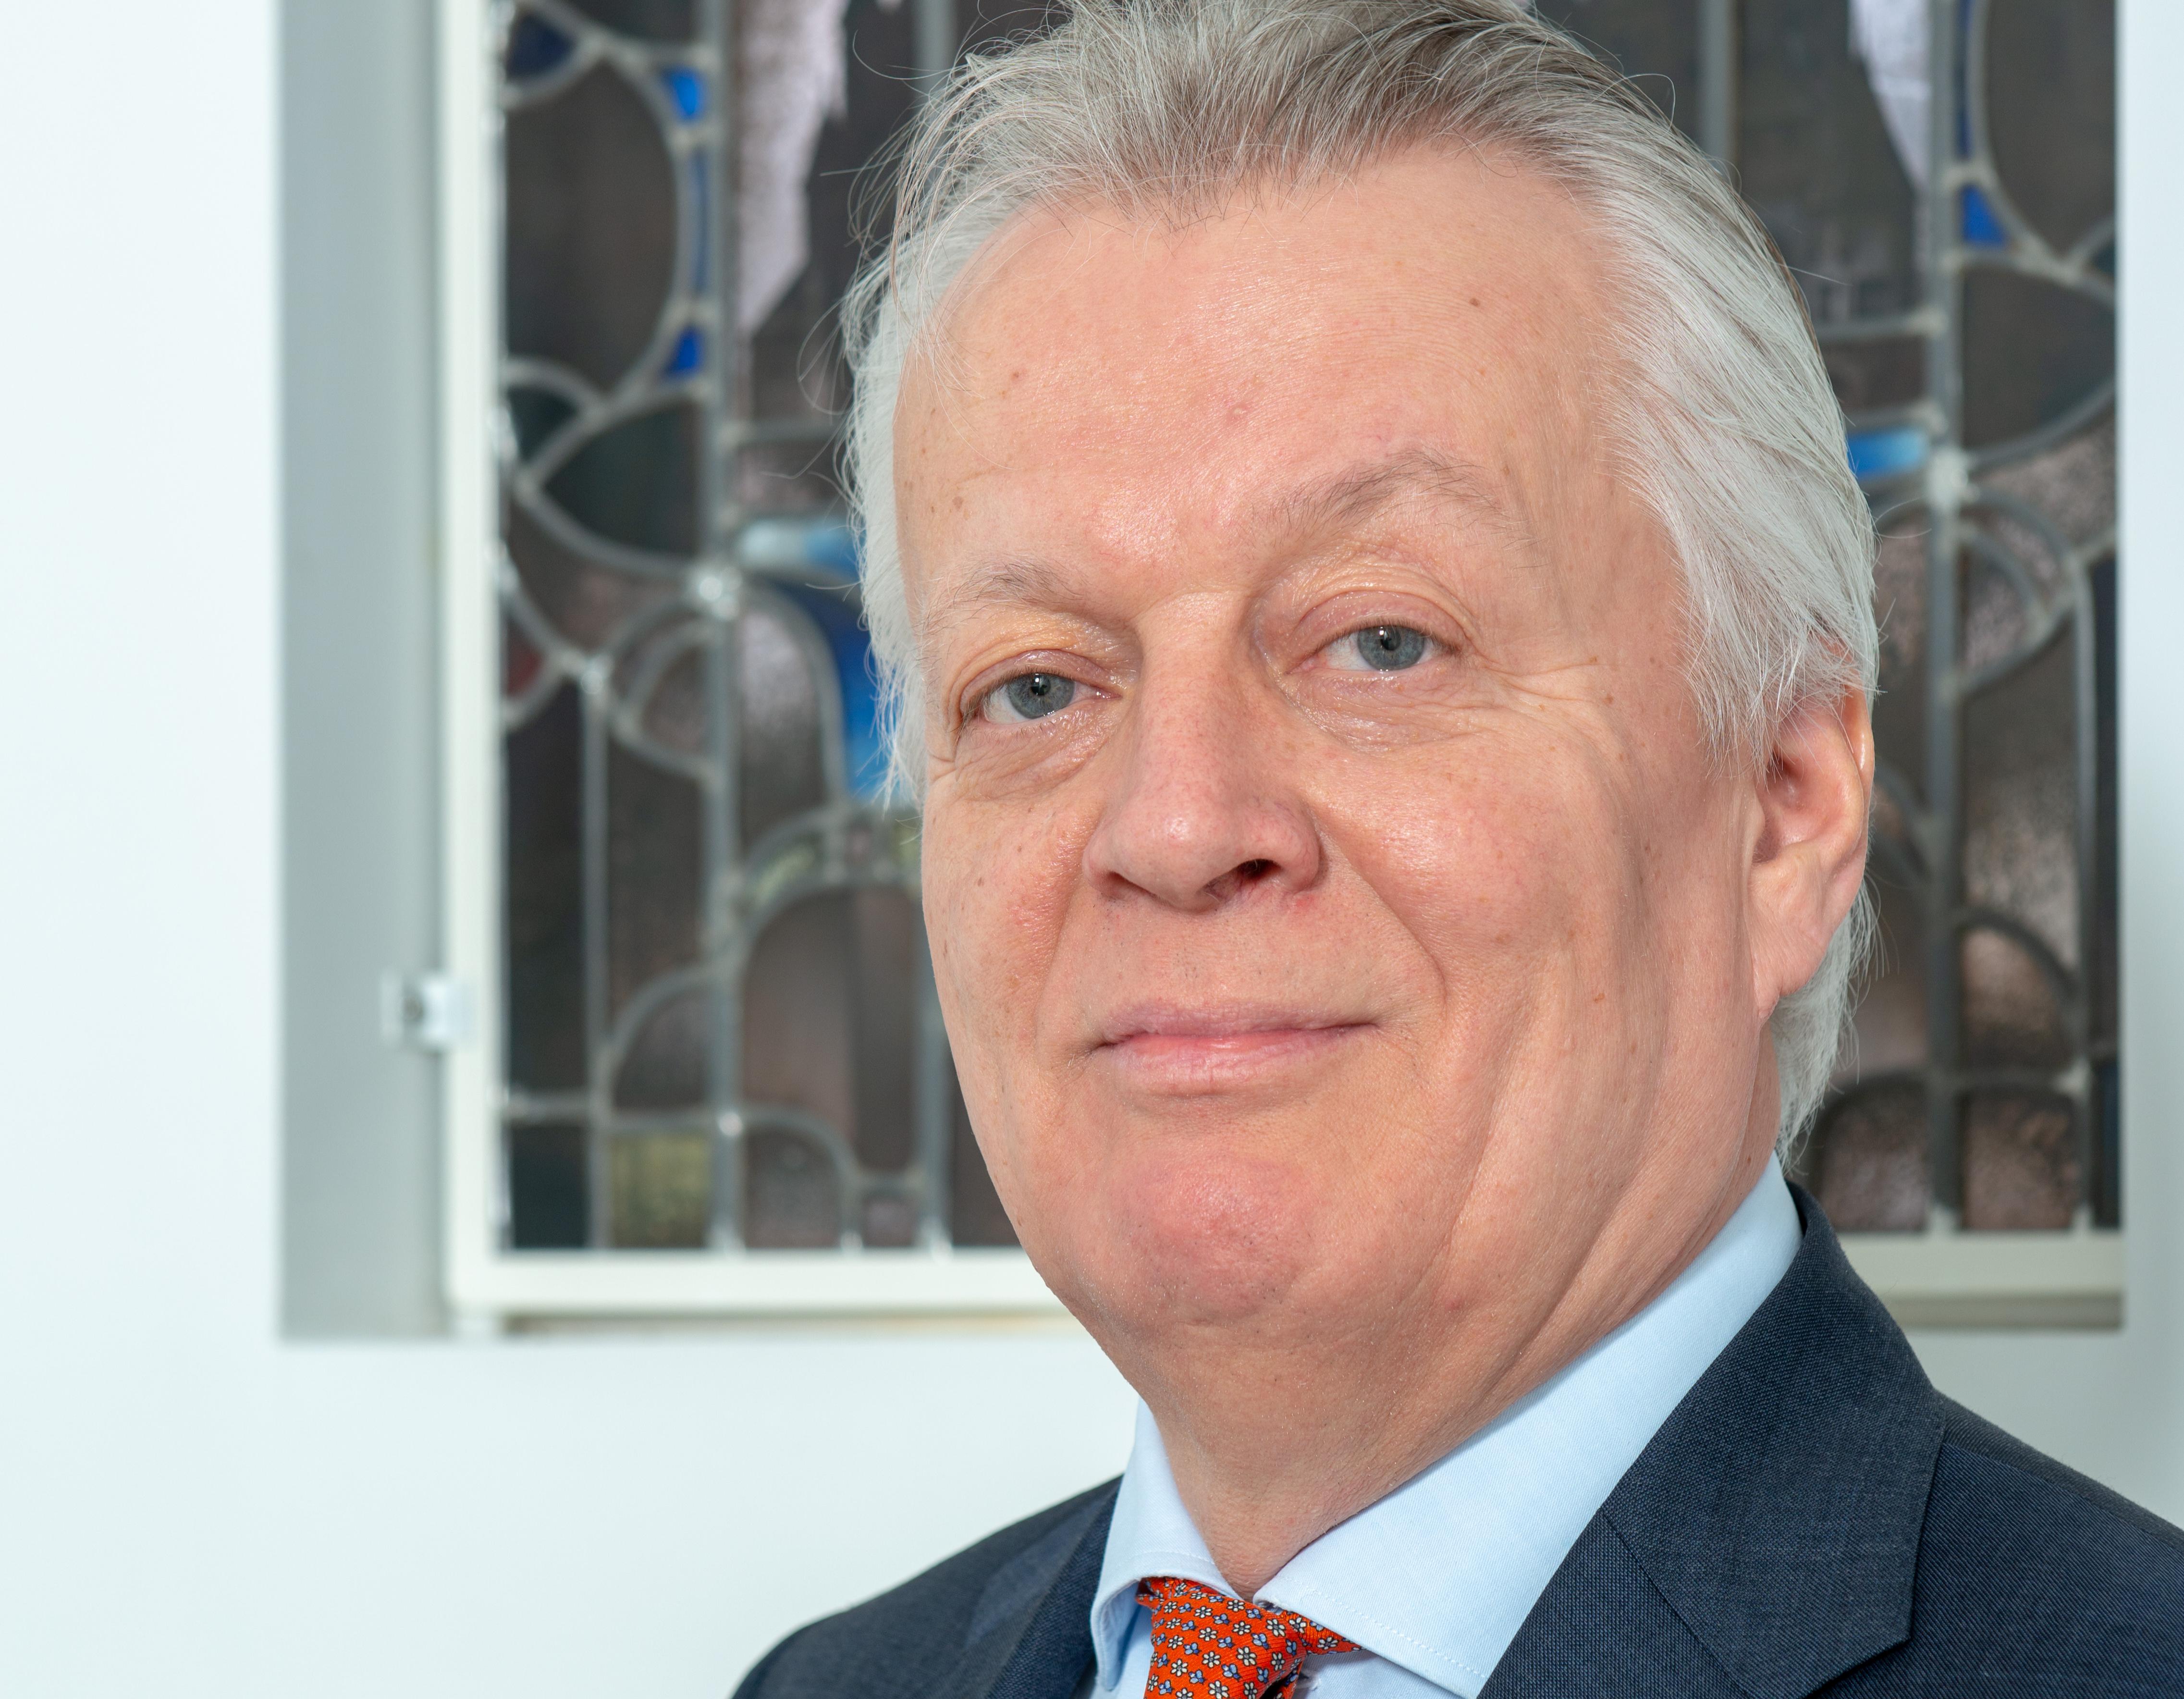 81ba8fdf458 Hoe ex-Rabo-topman Ralf Dekker bij Forum voor Democratie belandde – Sociale  Vraagstukken